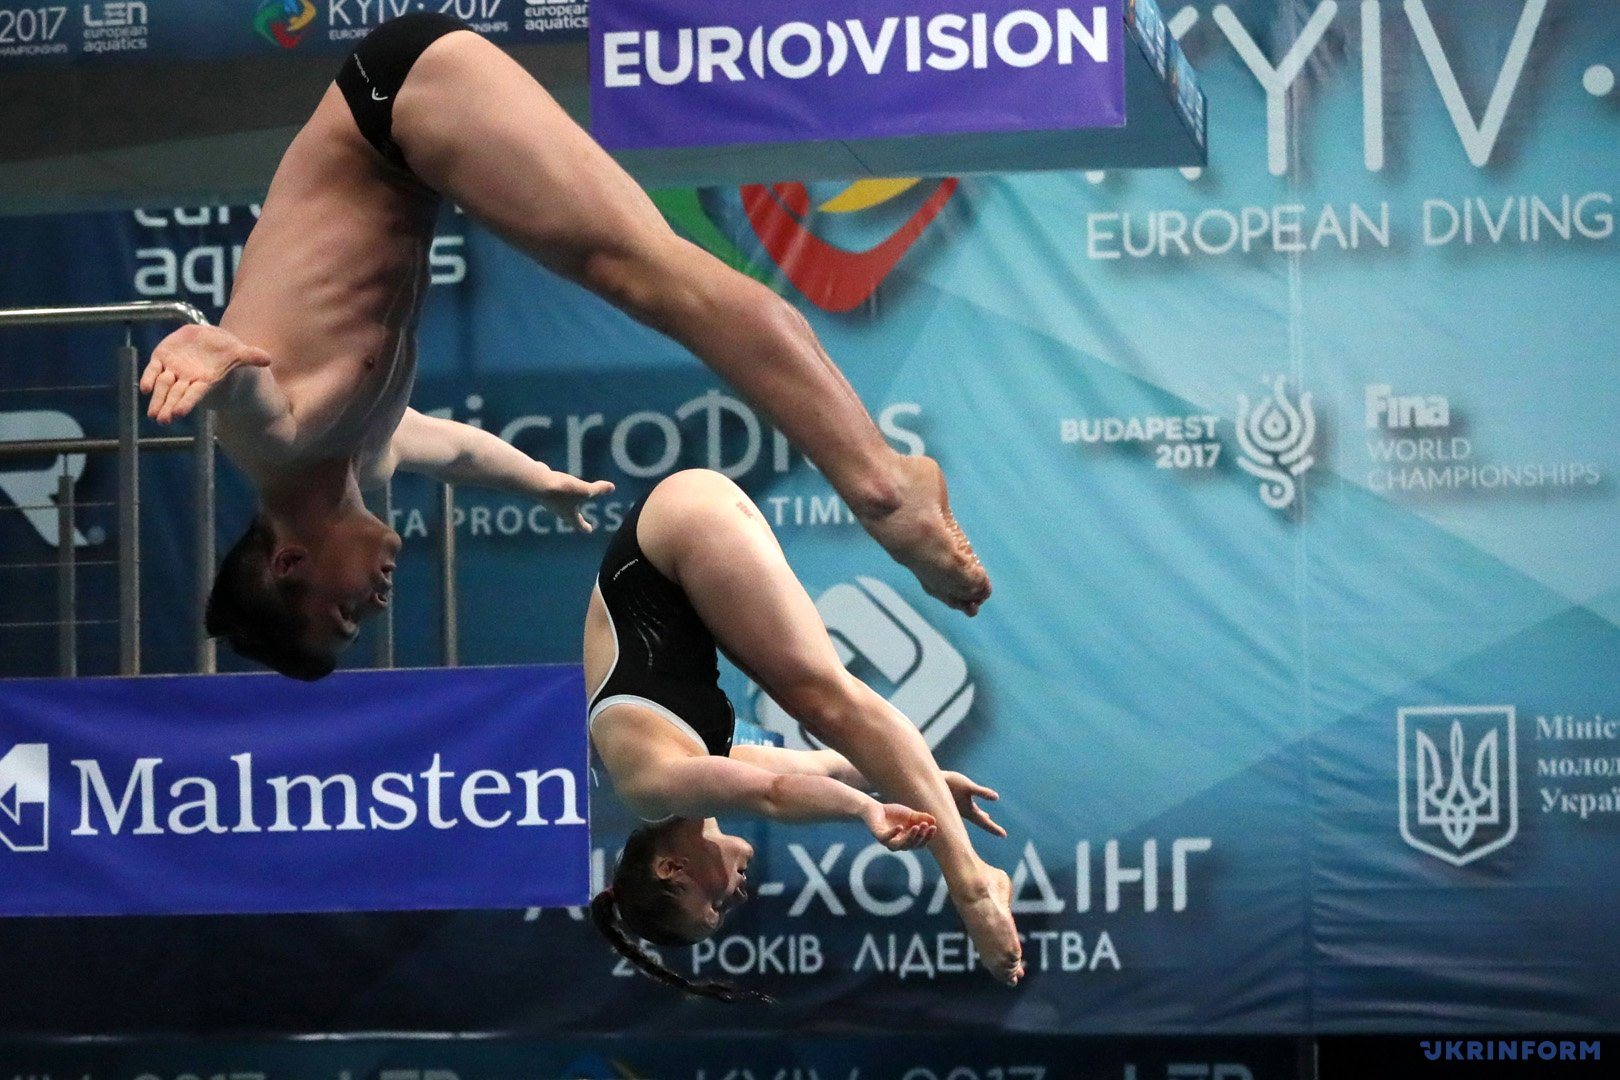 В Киеве продолжается чемпионат Европы по прыжкам в воду / Фото: Багмут Павел. Укринформ